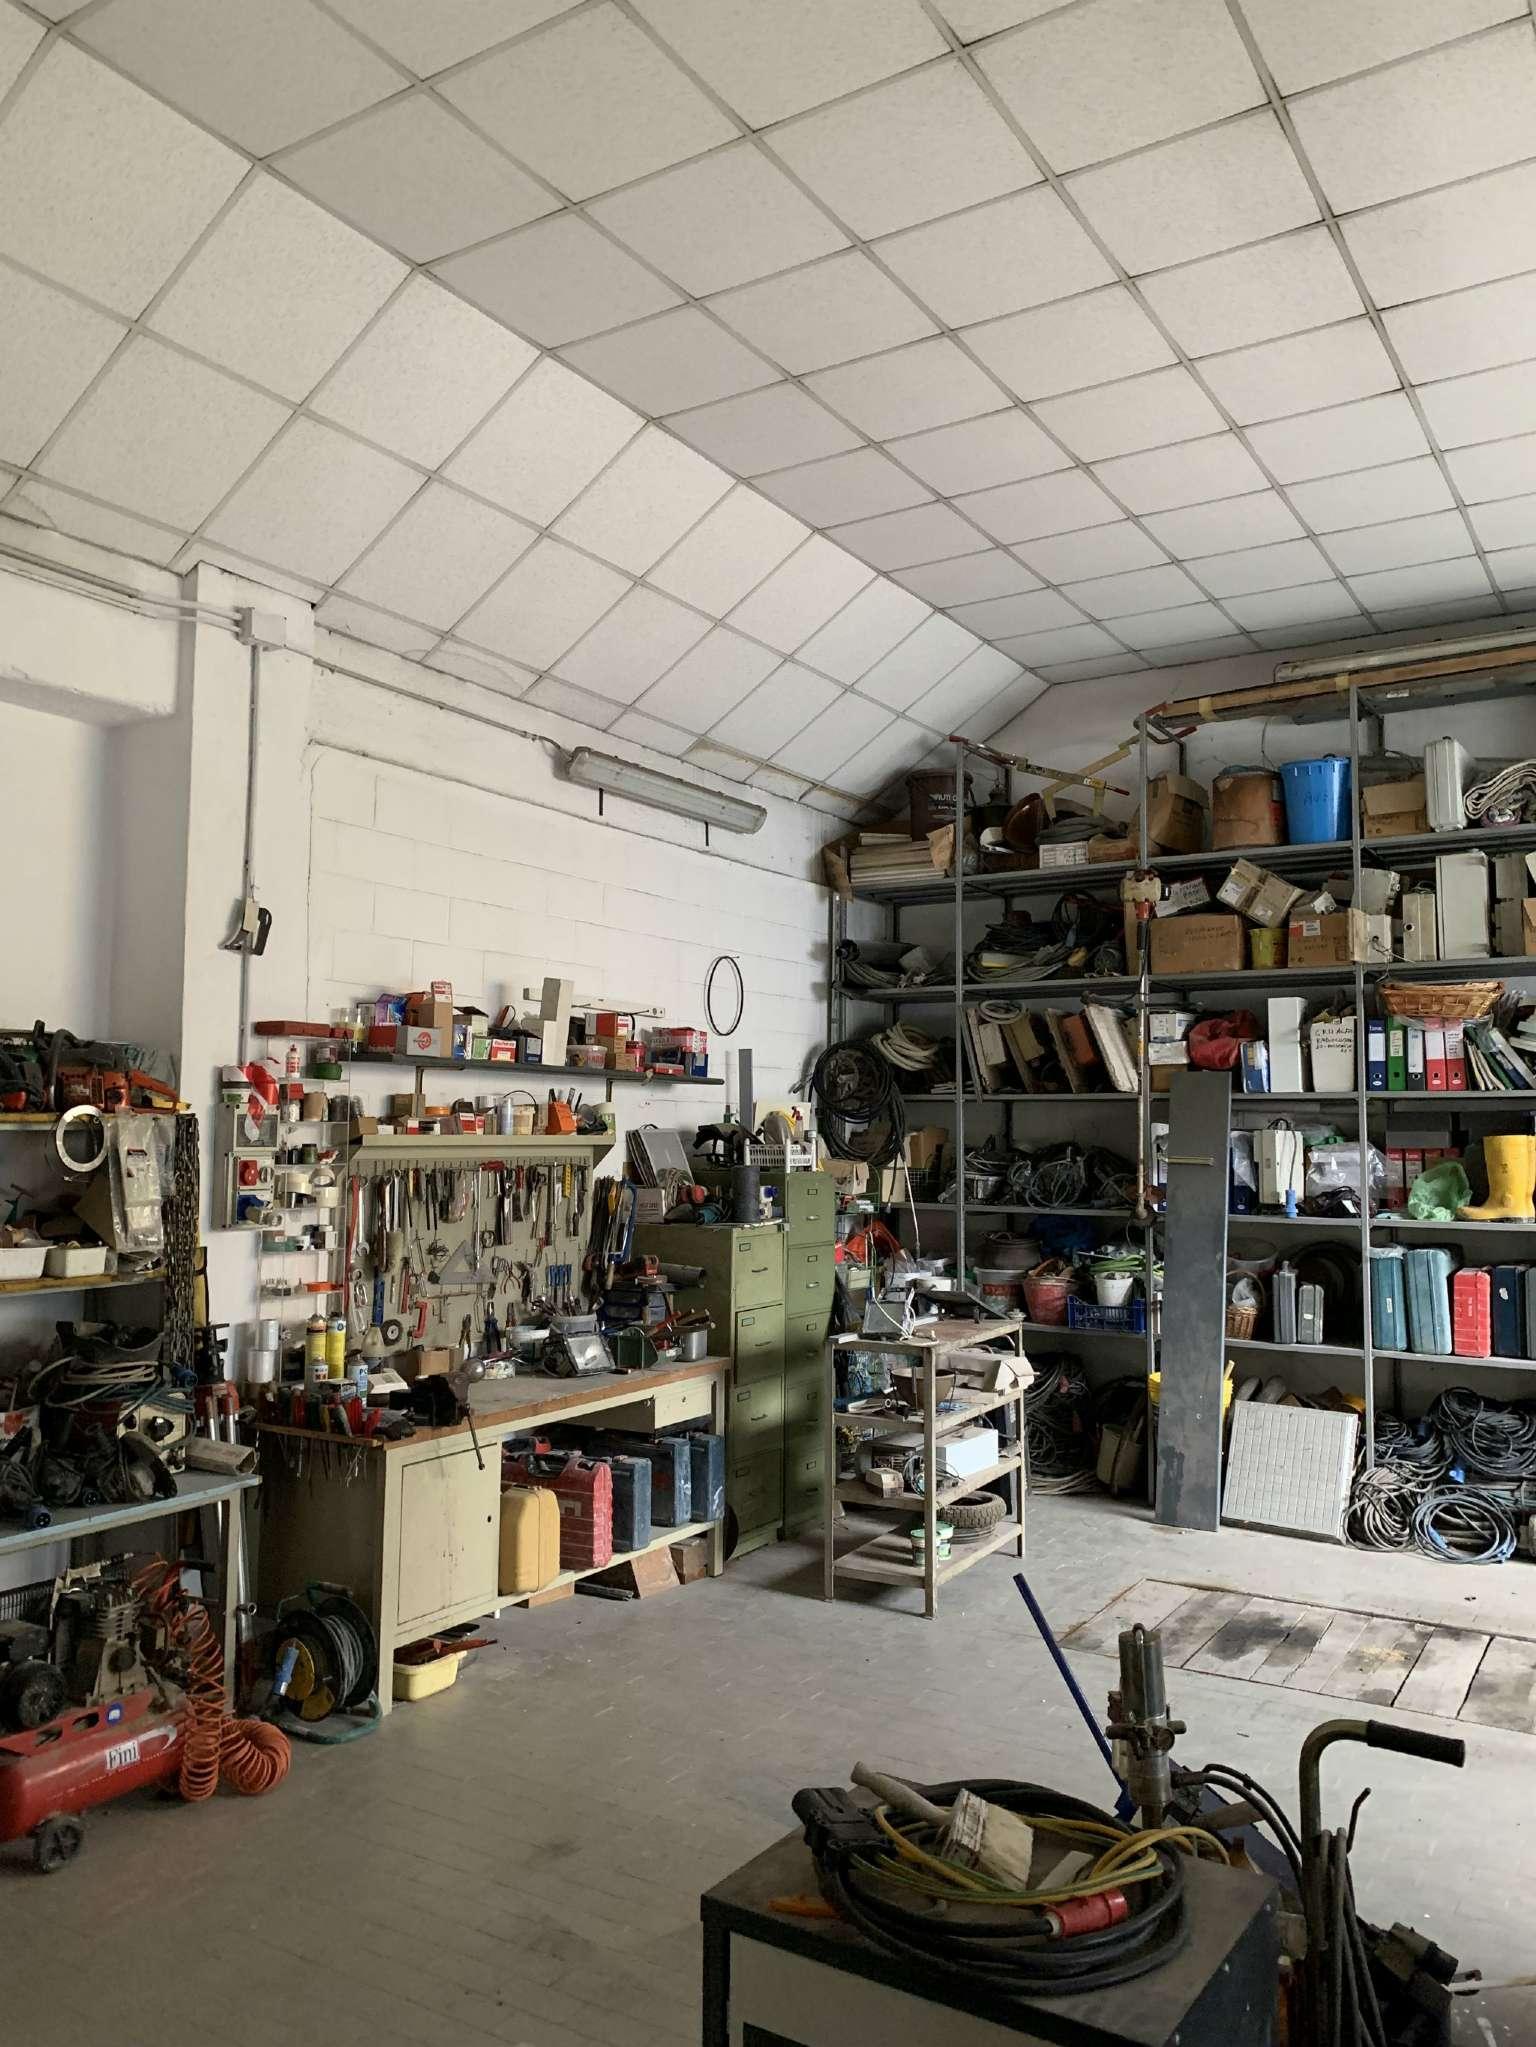 Laboratorio in vendita a Senago, 1 locali, prezzo € 85.000 | PortaleAgenzieImmobiliari.it